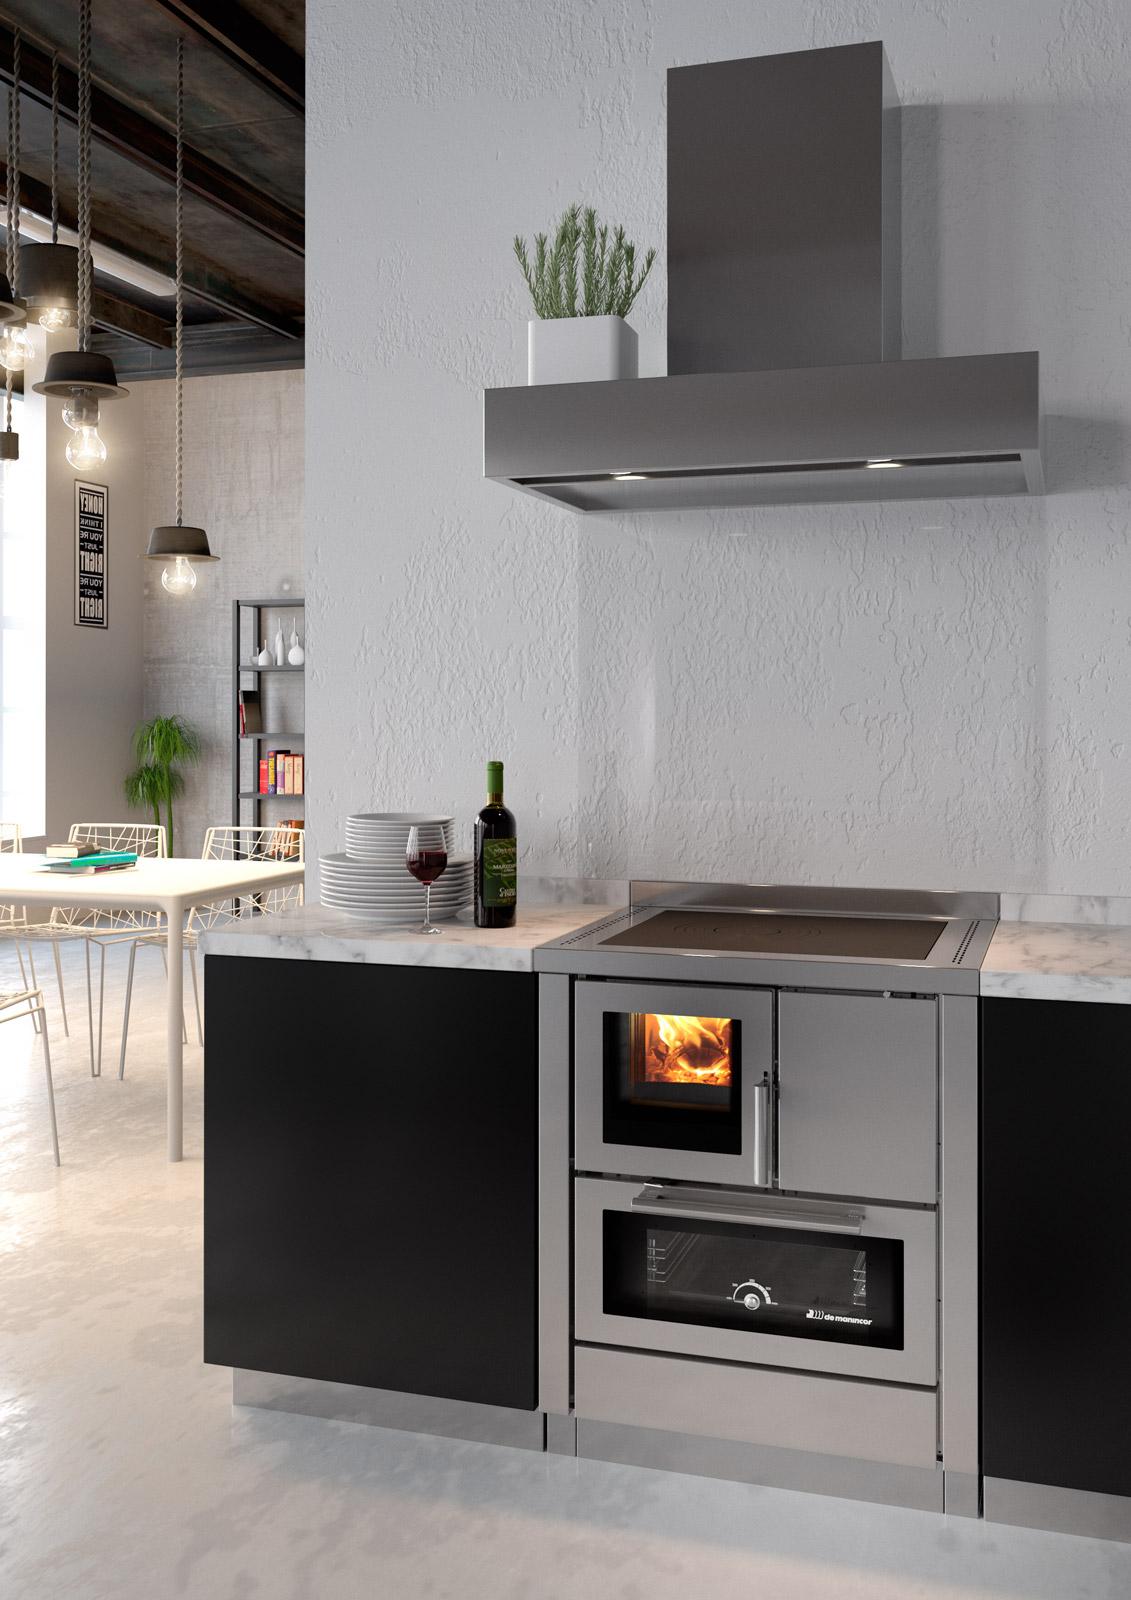 F70 demanincor s p a - Configura cucina ...